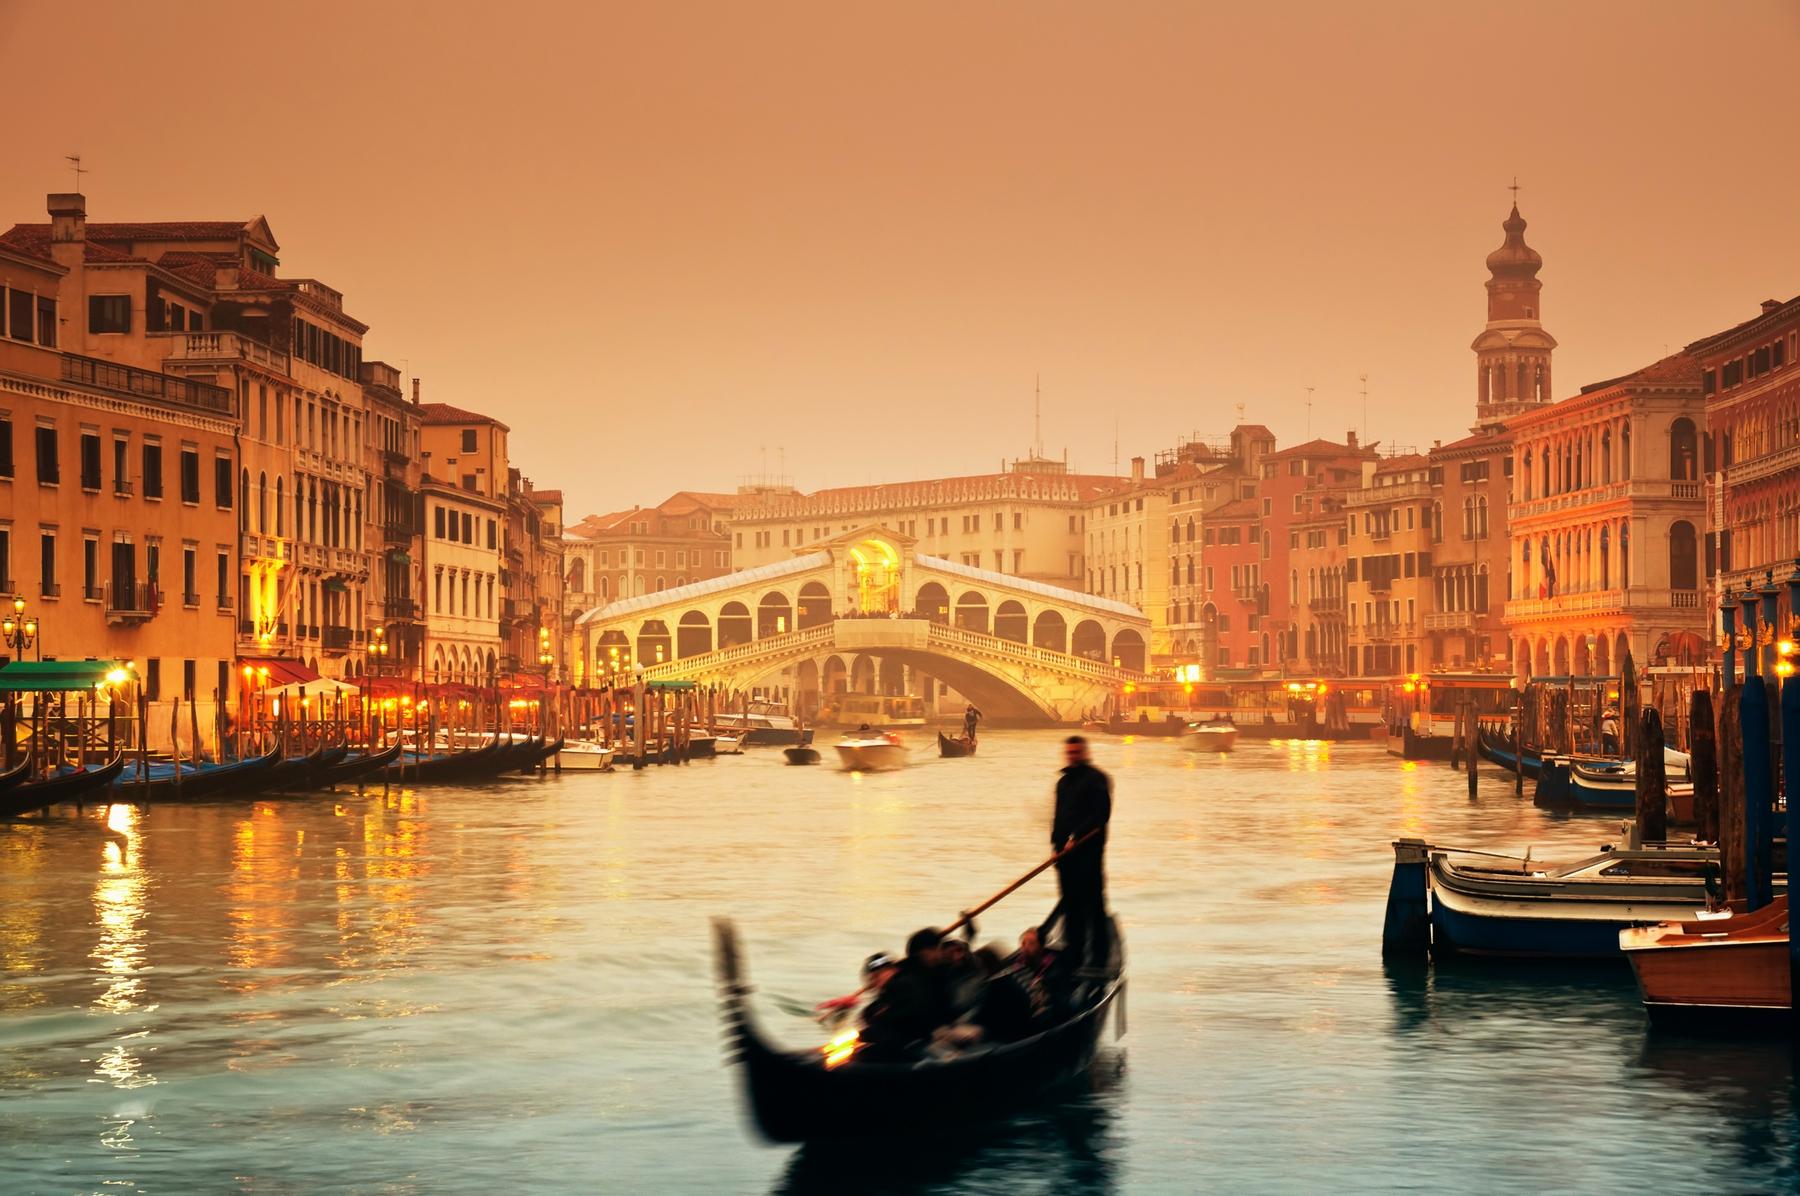 Romanttinen kaupunkiloma Venetsiassa